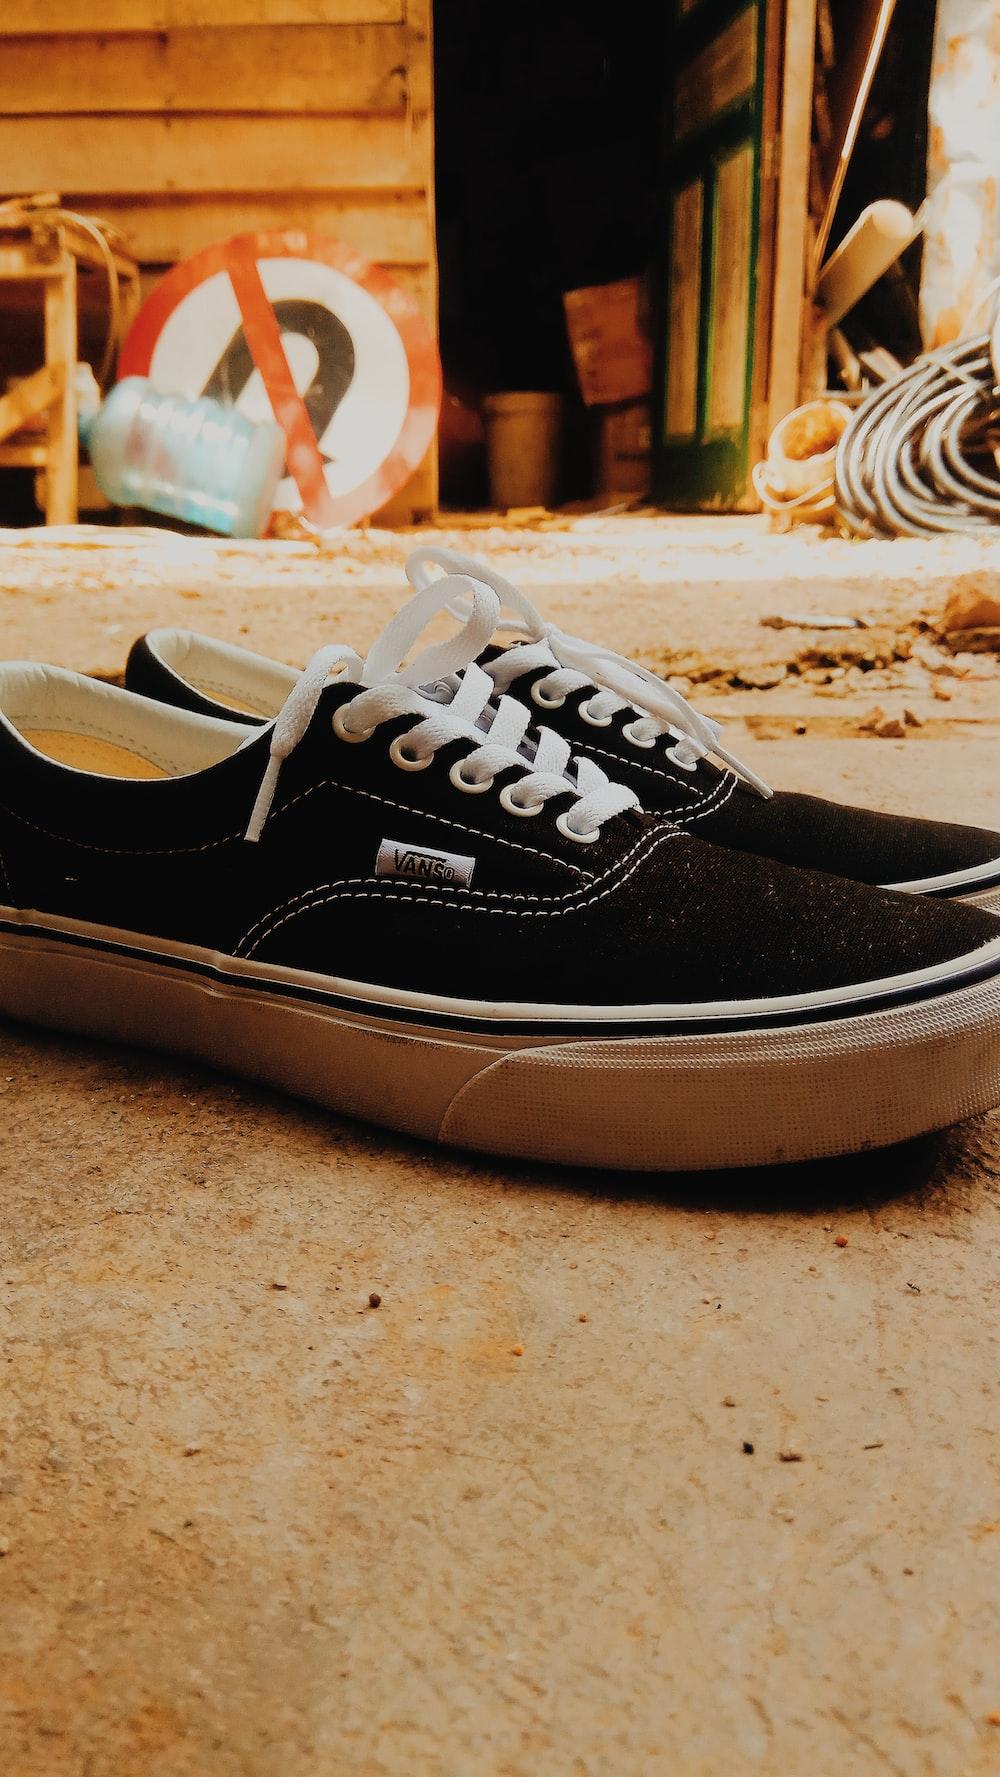 pair of black Vans low-top sneakers